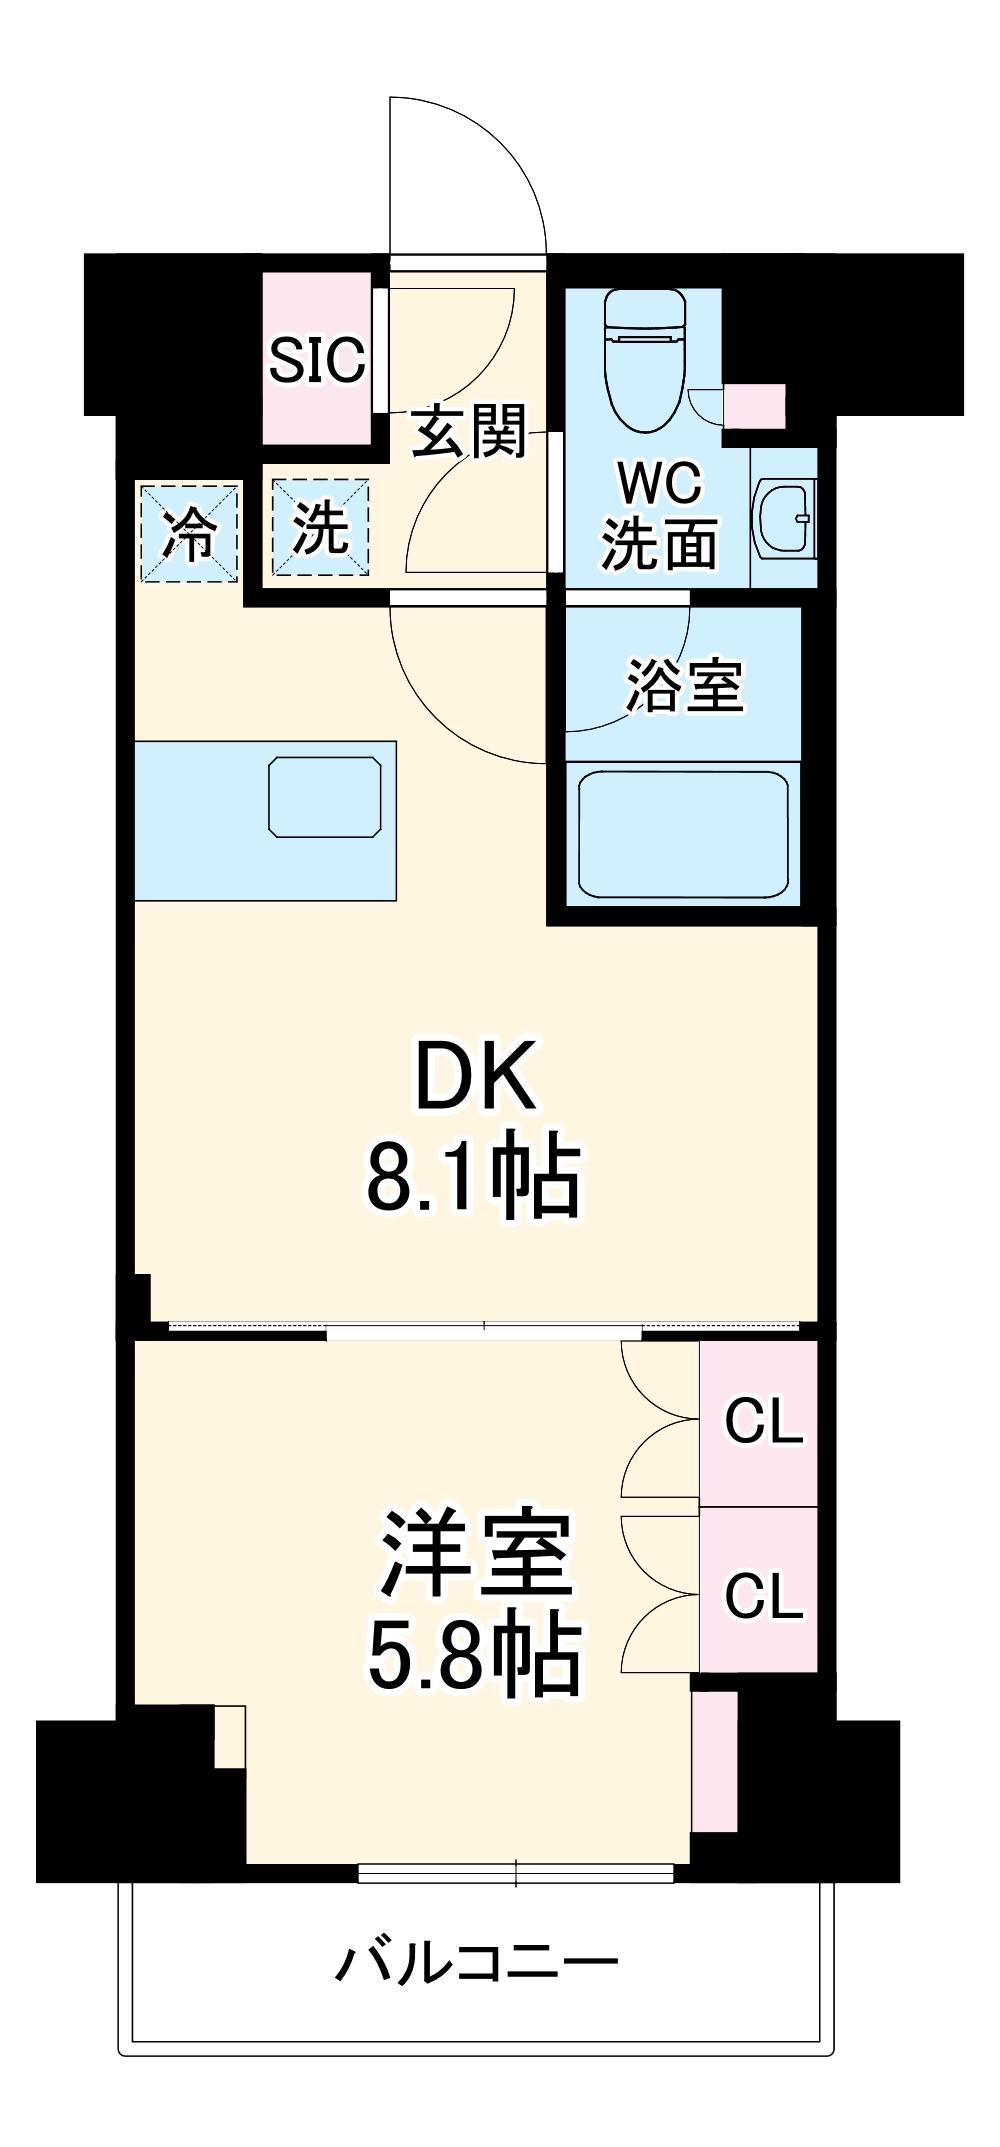 ザ・パークハビオ横浜東神奈川・705号室の間取り